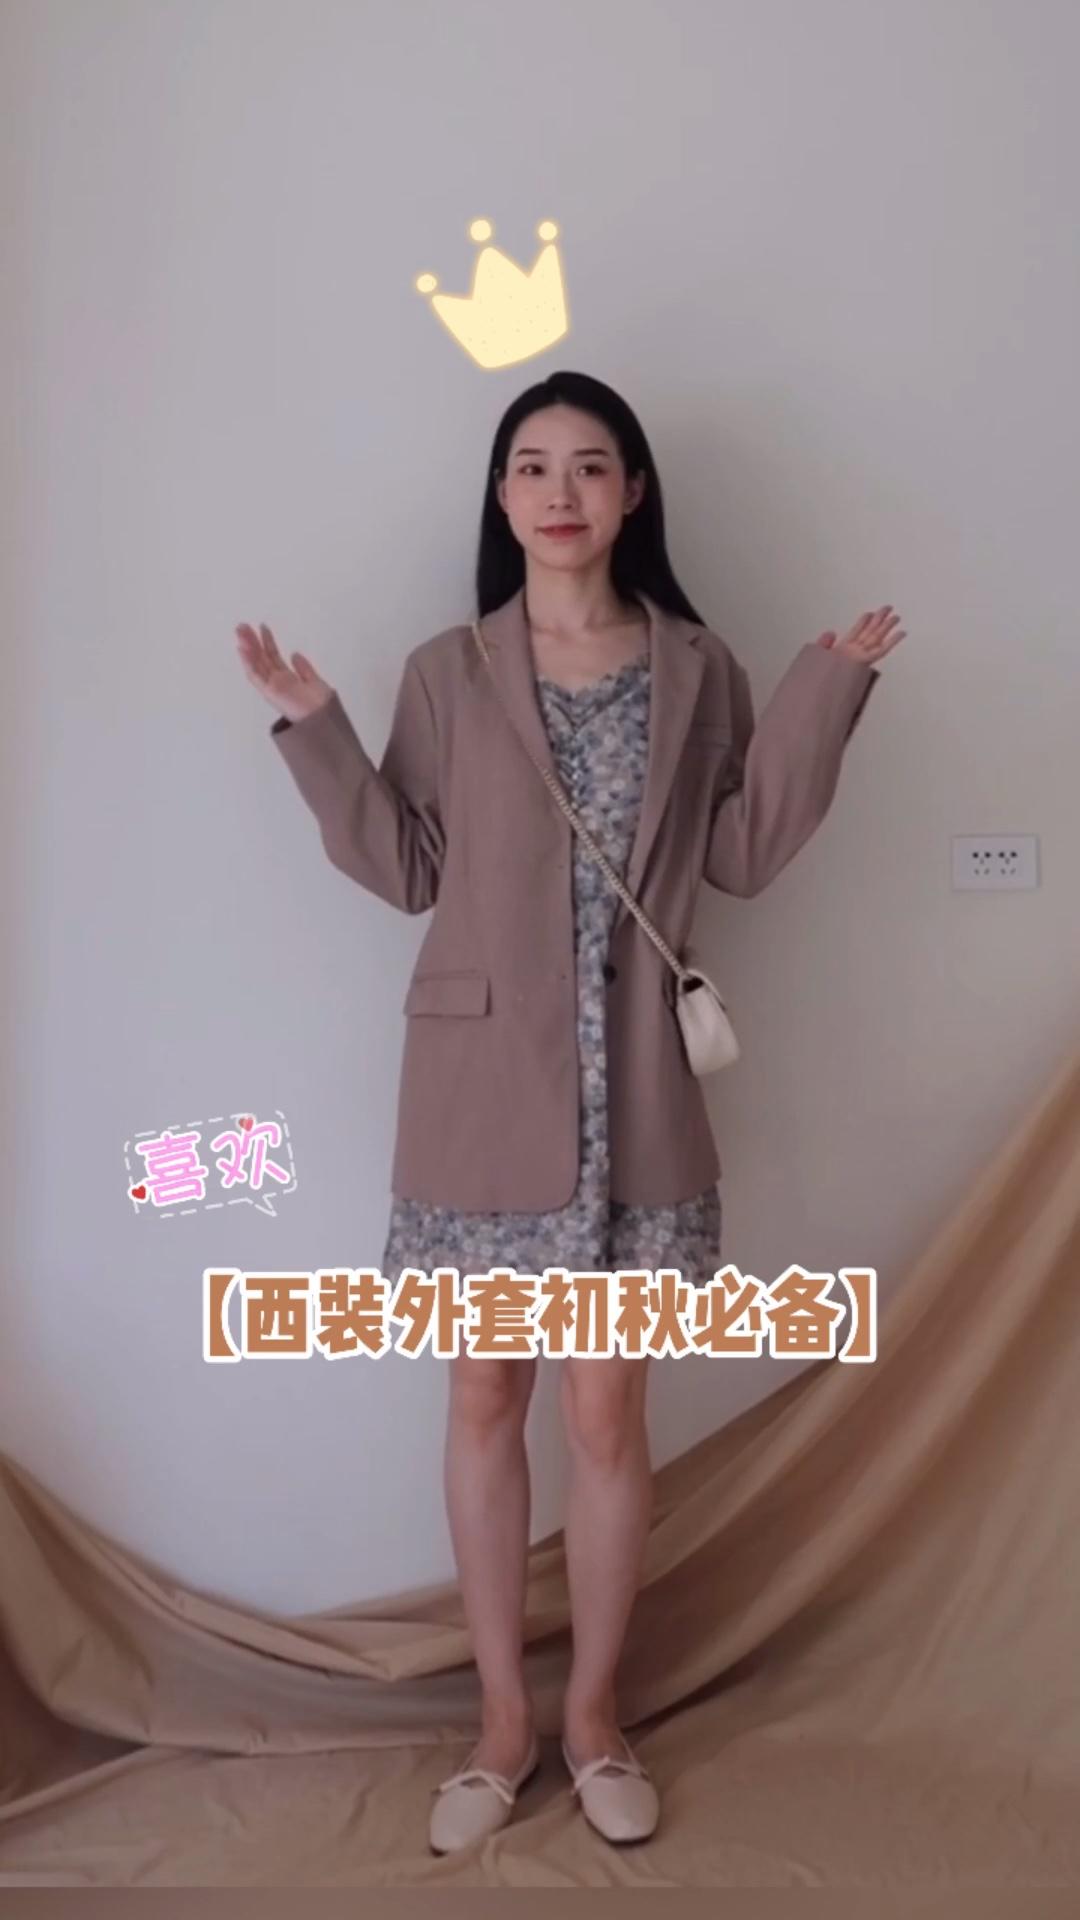 #外套+裙装=早秋女神#   西装外套➕连衣裙 甜美可爱惹人怜